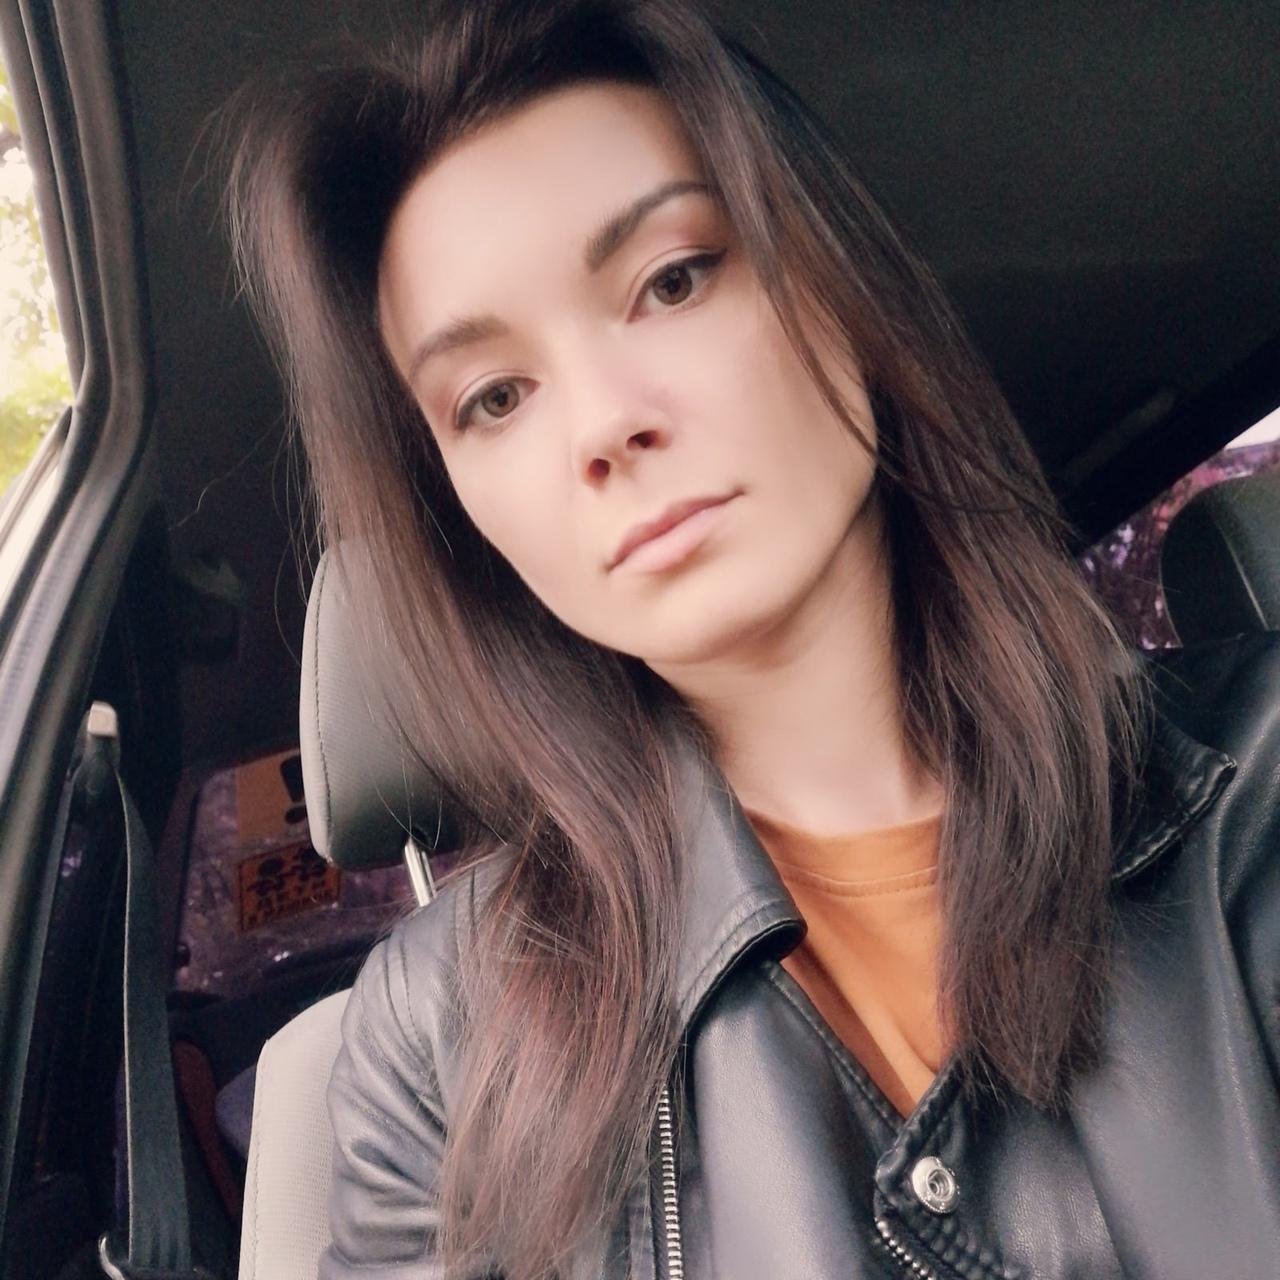 Ирина Савина, Тула - фото №1